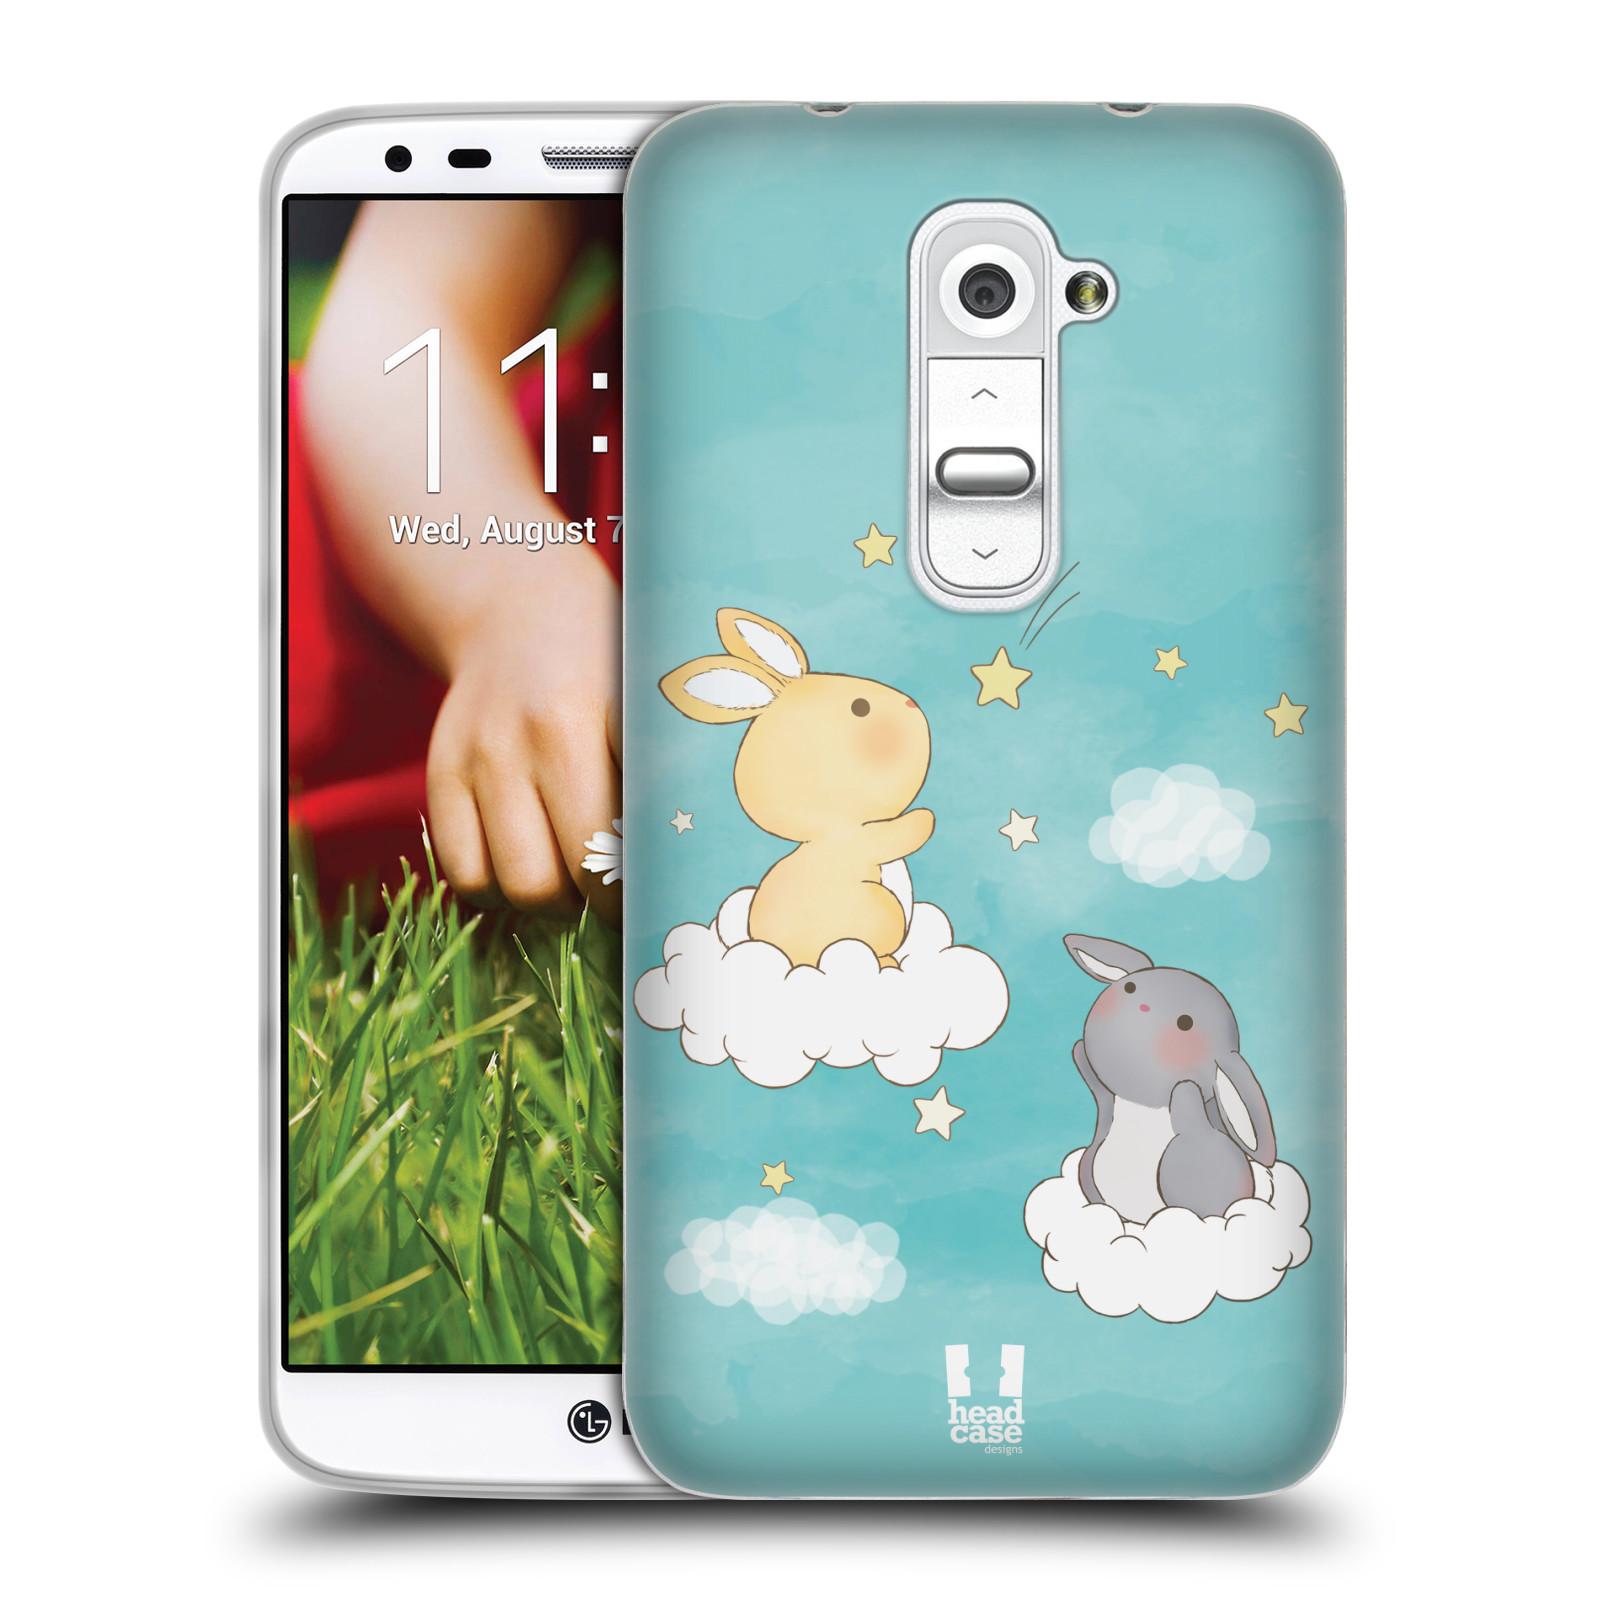 HEAD CASE silikonový obal na mobil LG G2 vzor králíček a hvězdy modrá